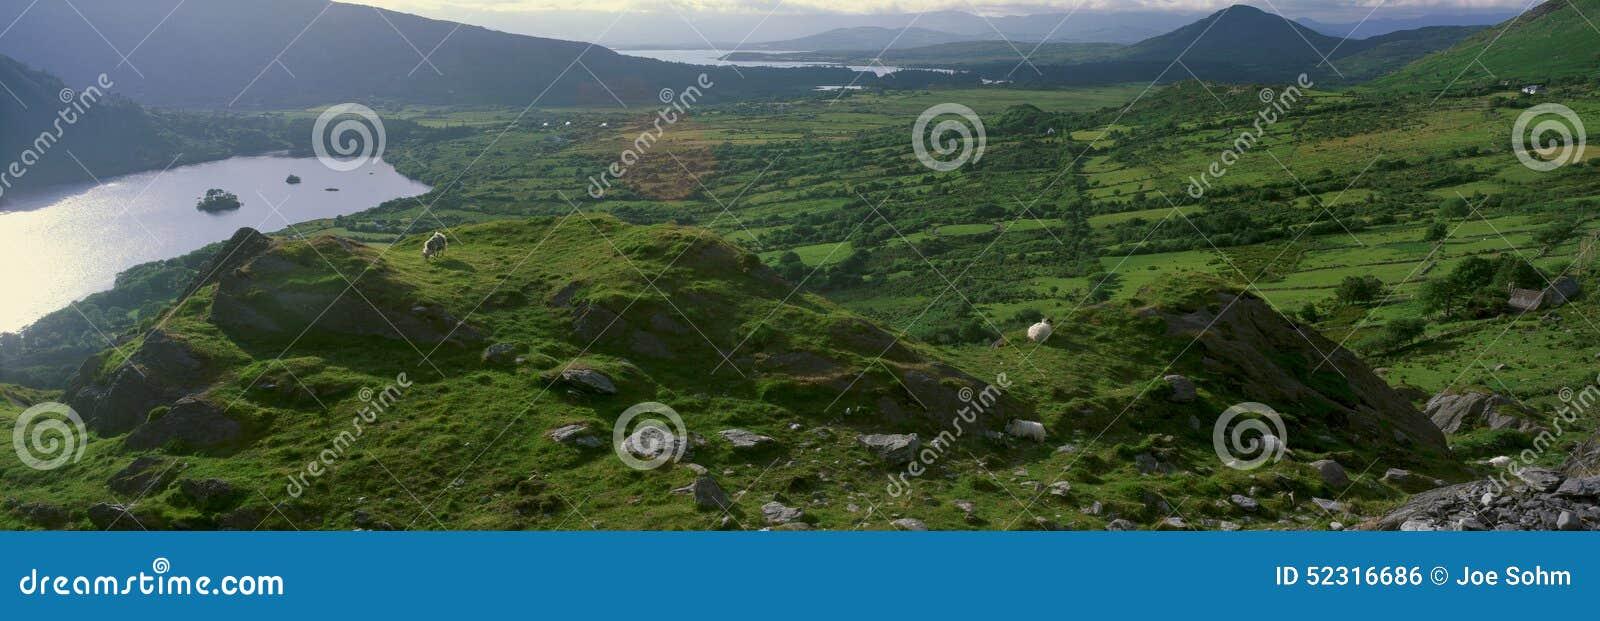 Panorama van geiten die in Healy Pass, Cork, Ierland weiden